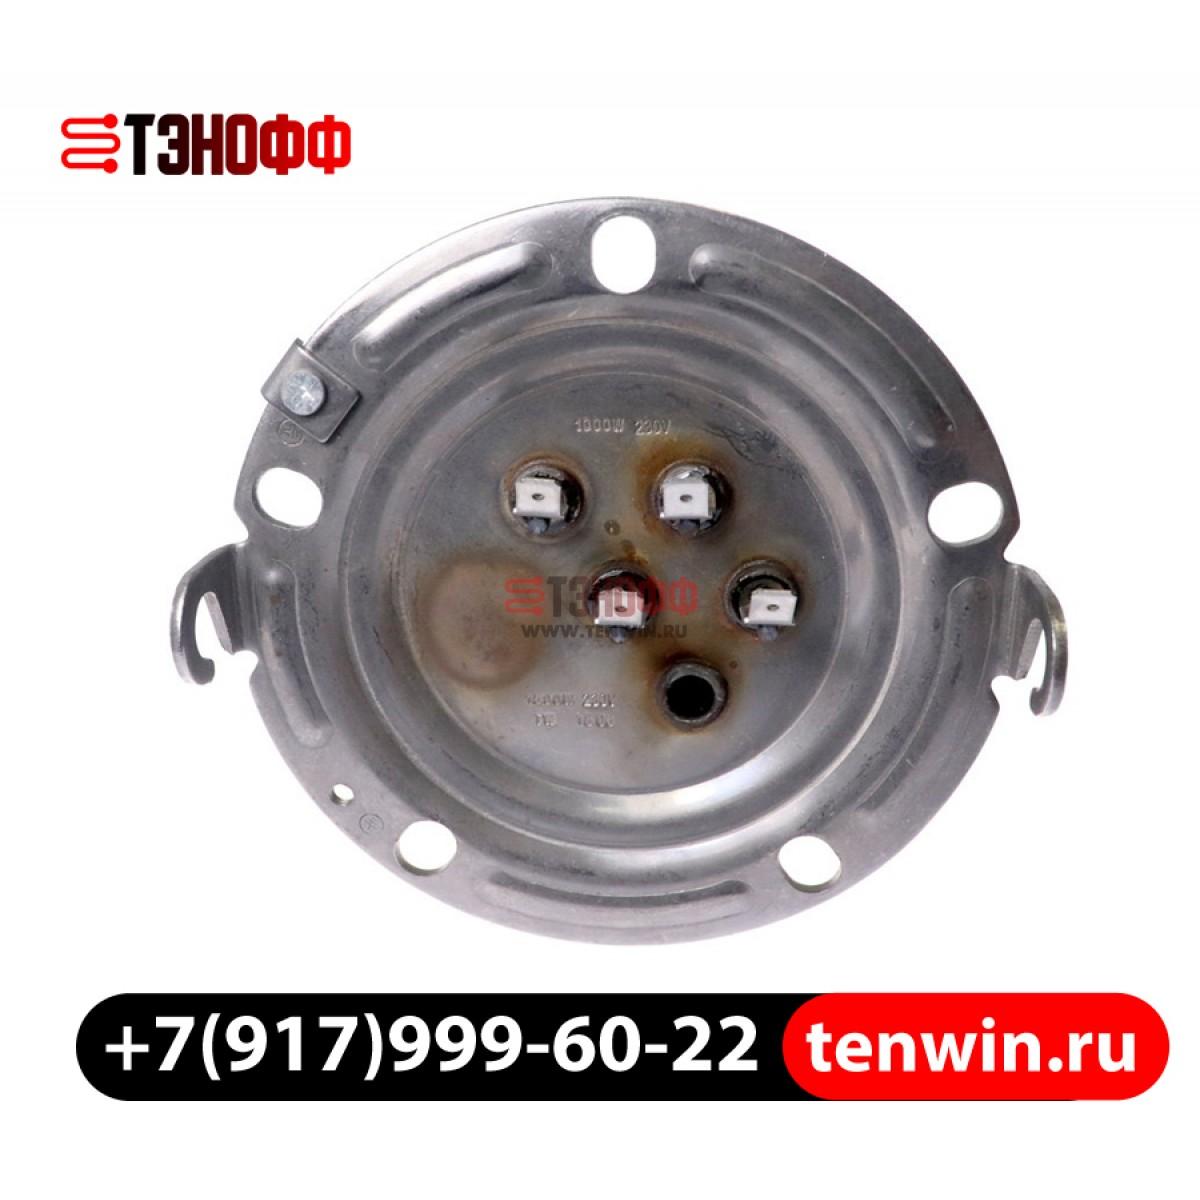 ТЭН 2500Вт водонагревателя Ariston 65151746 в Саранске